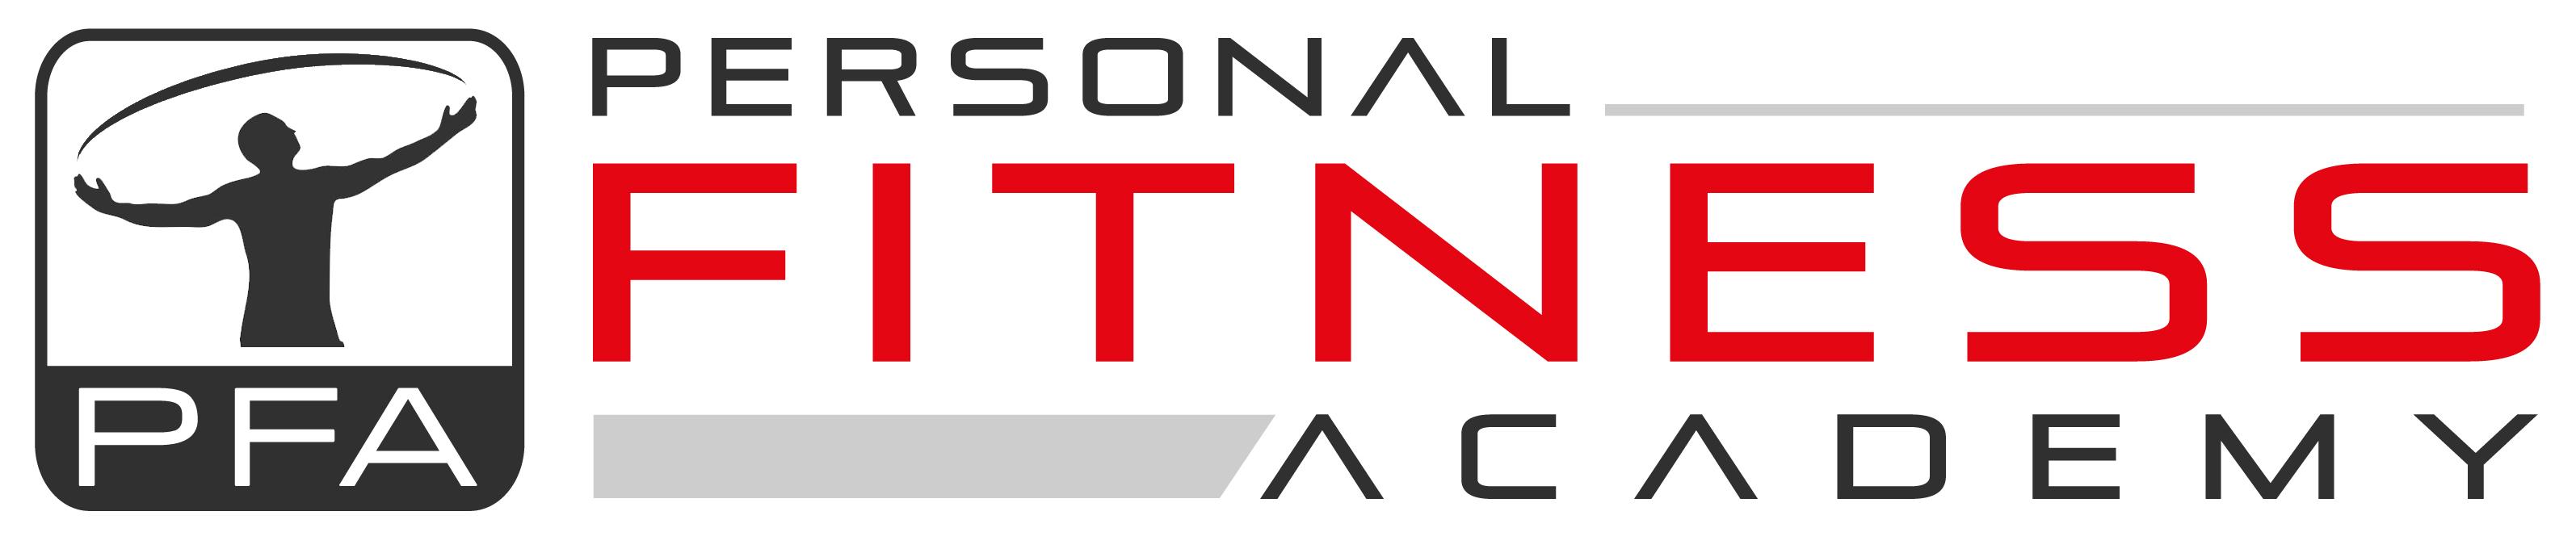 Downloads der PFA Fitness academy